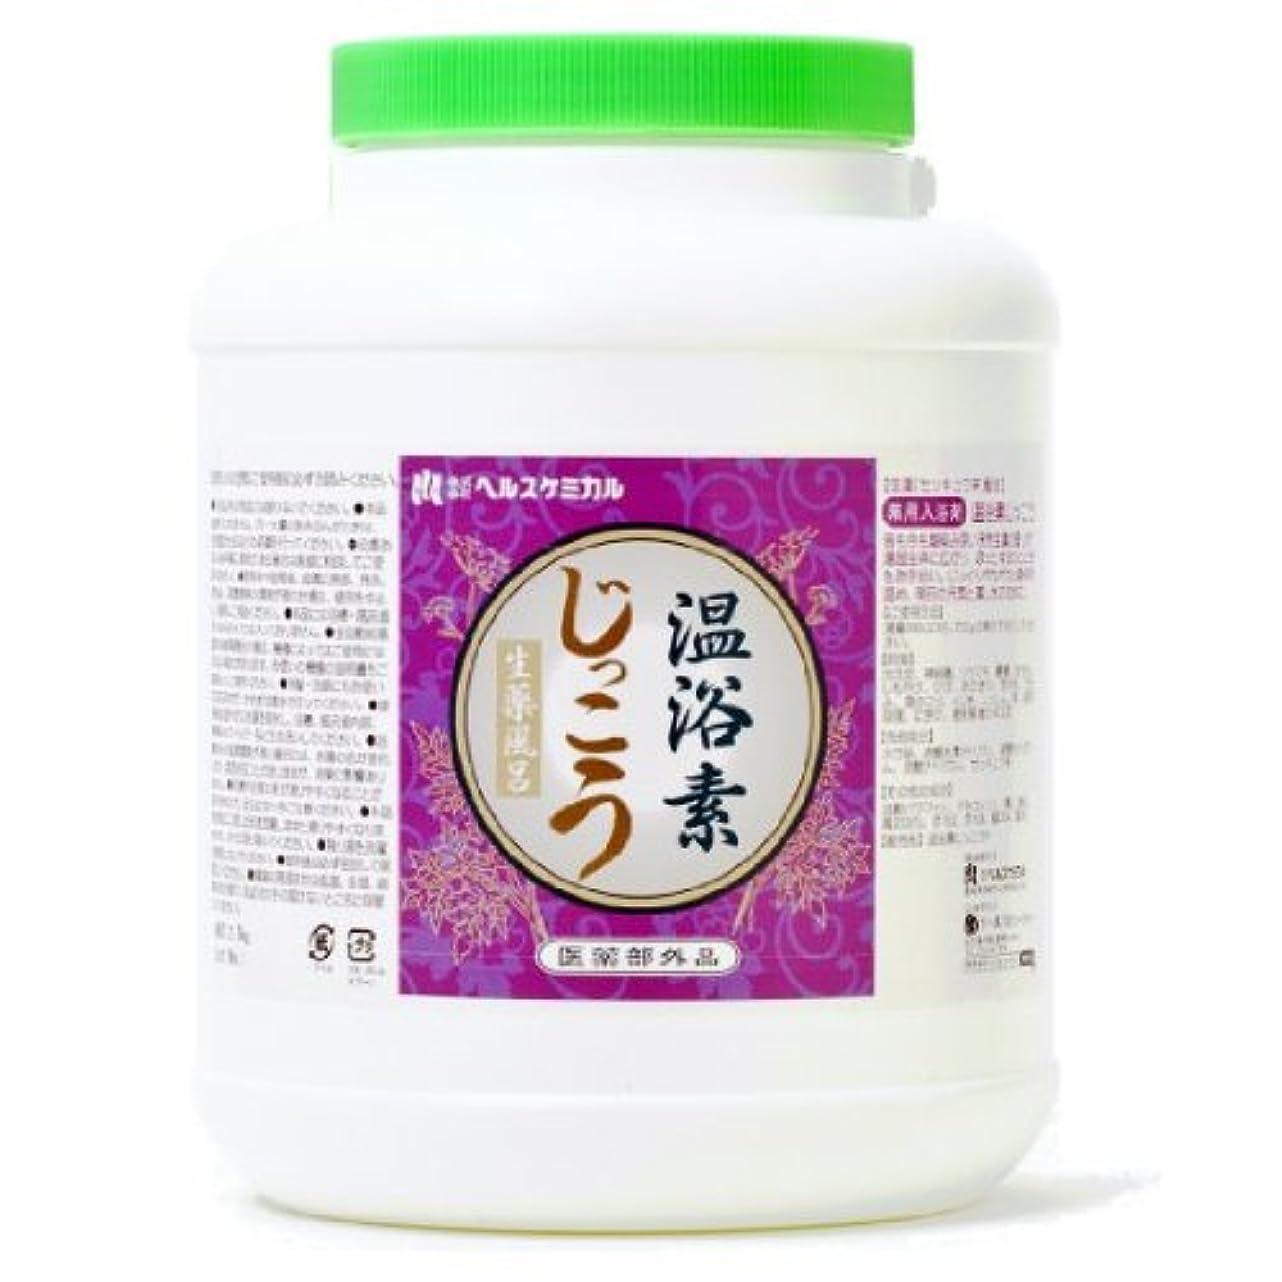 田舎過ちウガンダ温浴素 じっこう 2.5kg 約125回分 粉末 生薬 薬湯 医薬部外品 ロングセラー 天然生薬 の 香り